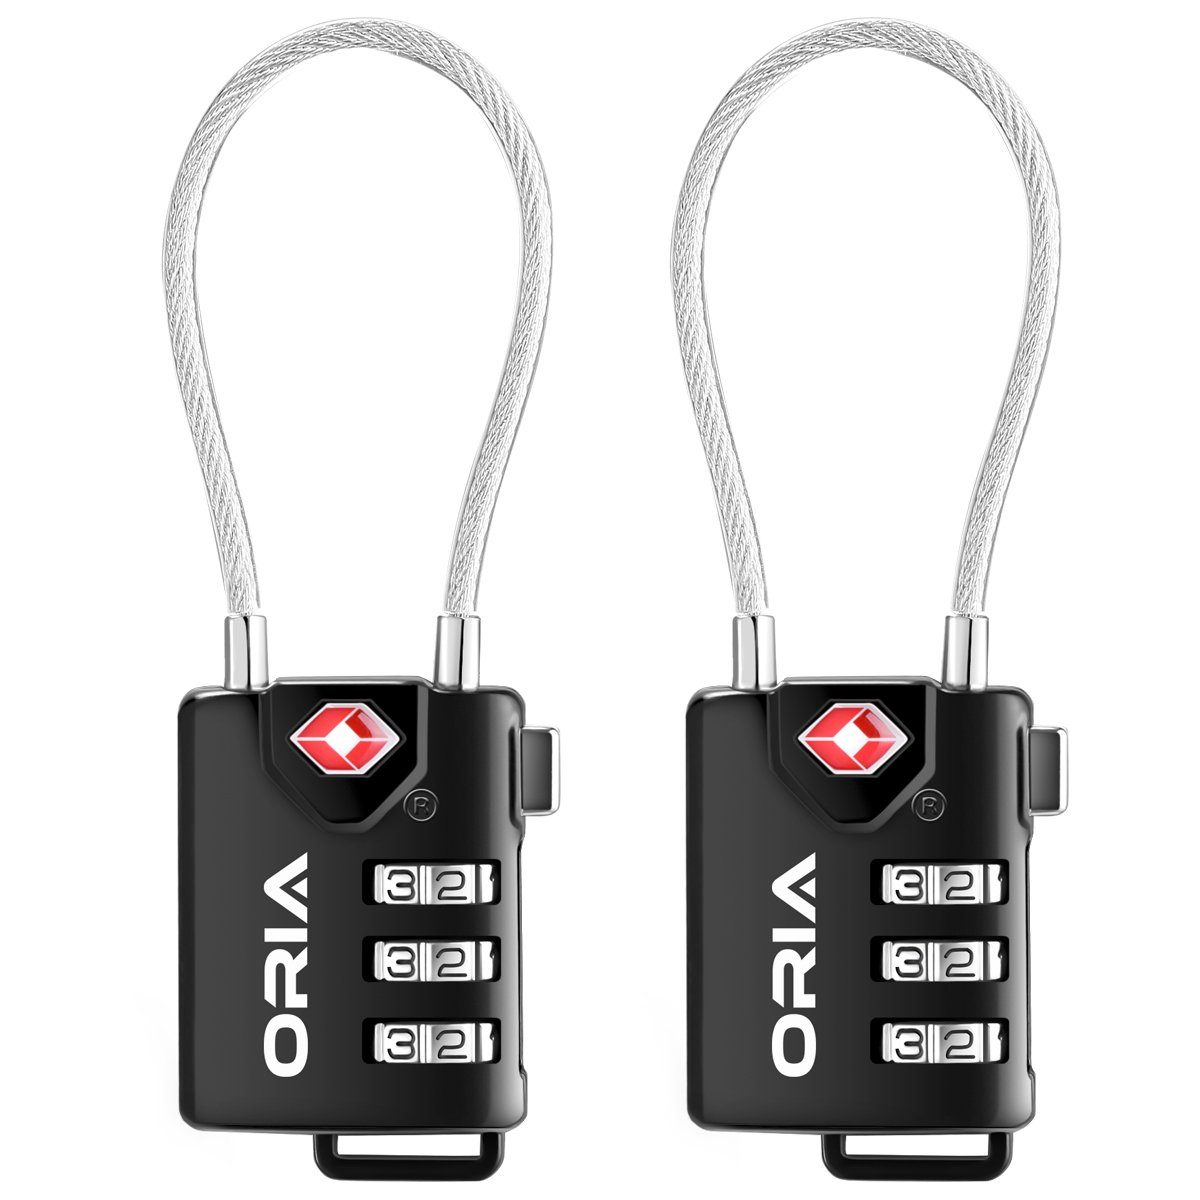 オーリア荷物ロック、ケーブルトラベルロック、TSA承認ケーブル荷物ロック、旅行組み合わせロック、安全南京錠S、バックパック、スーツケース、荷物のキャビネット、ブリーフケース、コンピュータバッグ(Set of 2 ) B072835M4Y